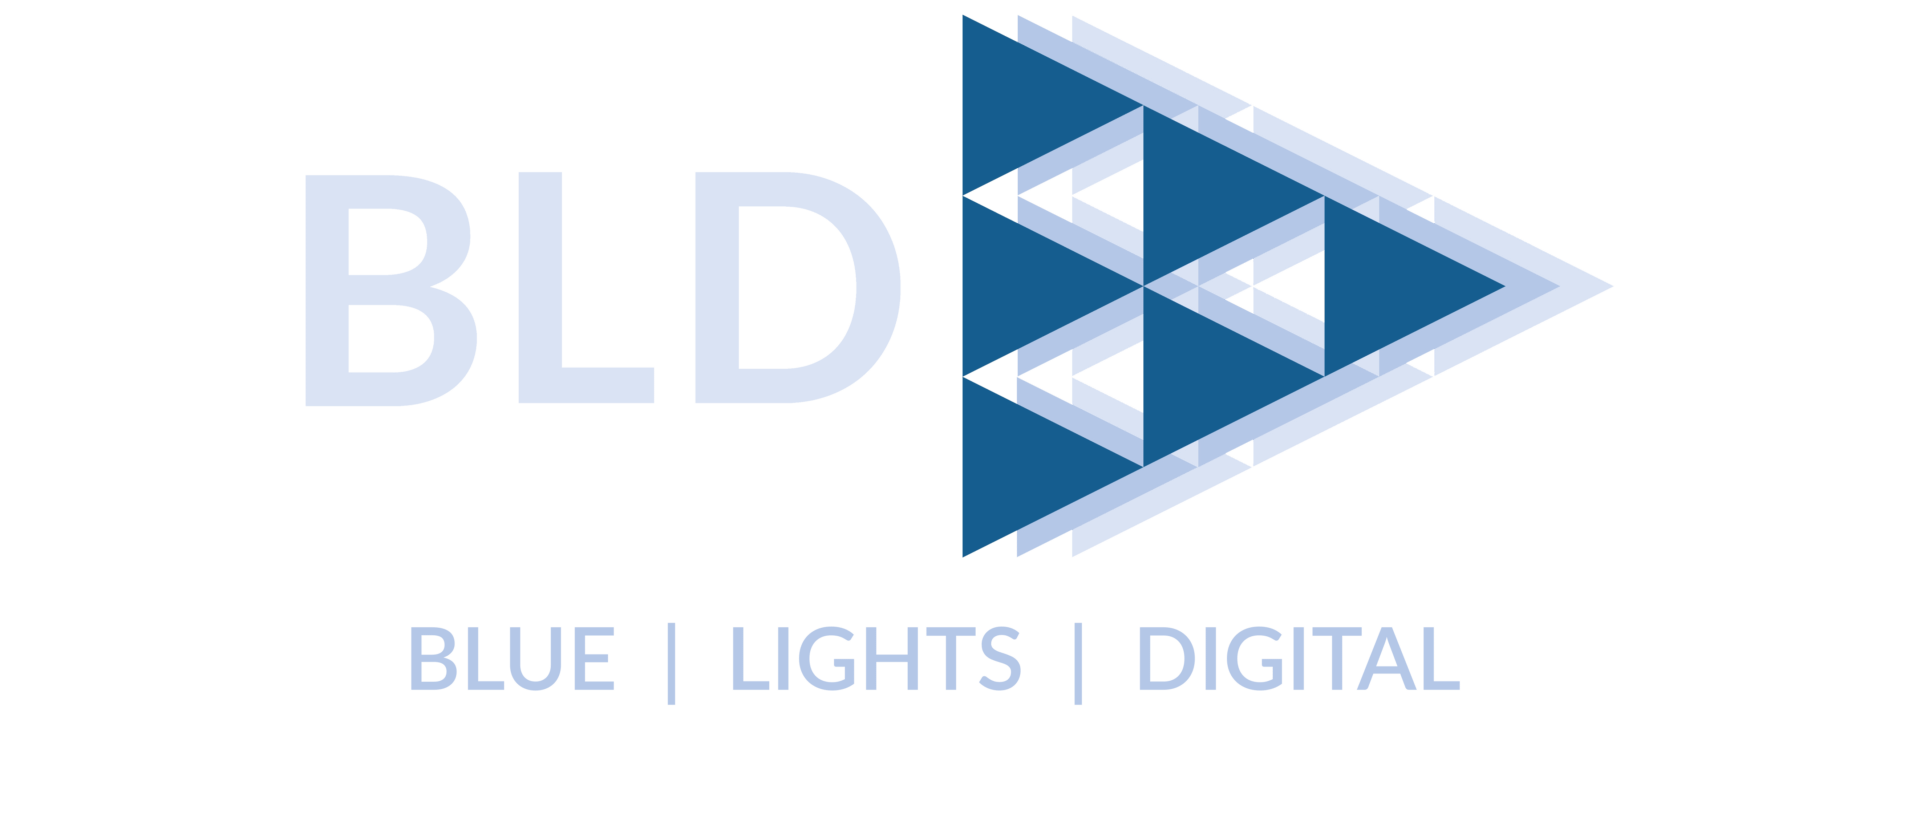 BLD logo for web slider - Blue Lights Digital